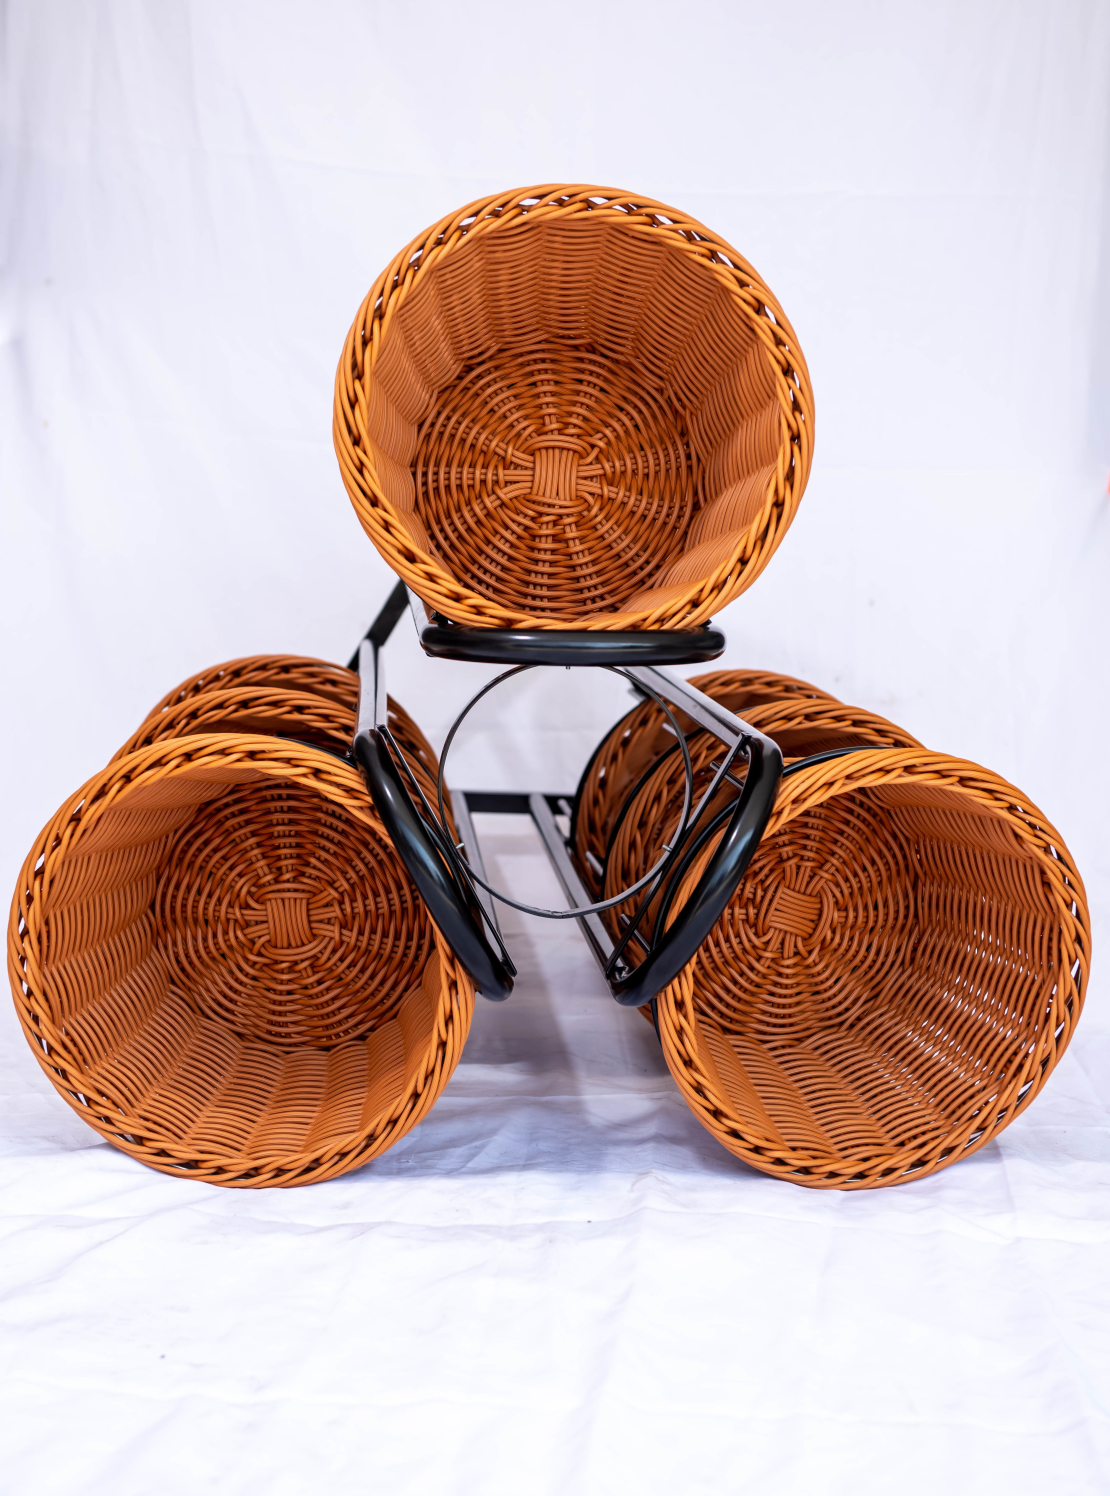 מתקן תצוגה מעוצב - פרח סלסלות עגולות